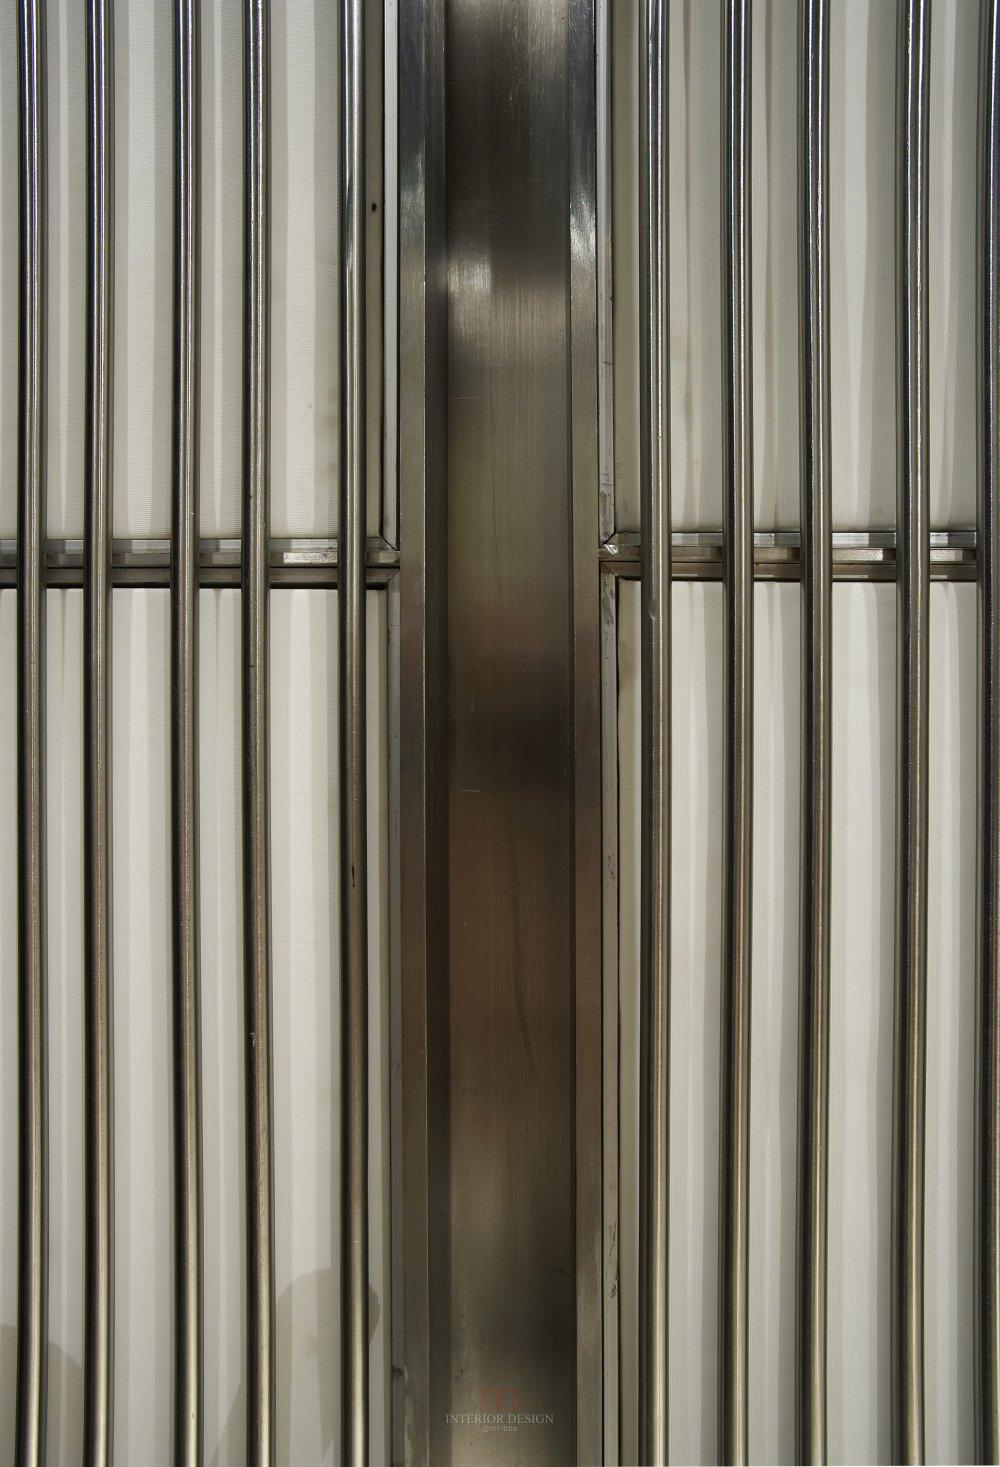 青岛大剧院(施工图+GMP方案+专业摄影+建筑施工图)_WM9R6399.jpg